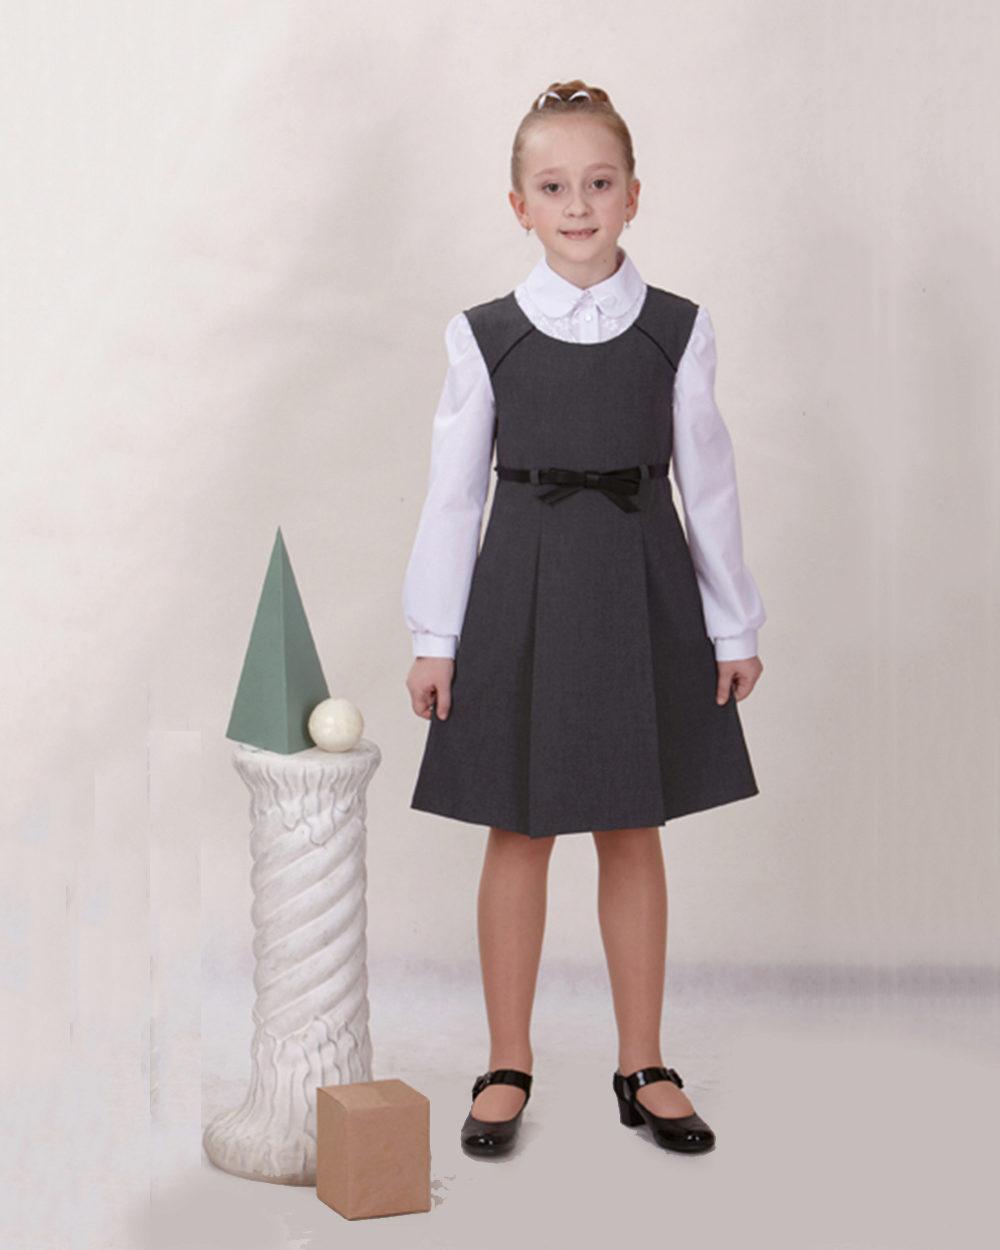 Статья Школьная форма в Красноярске - детский портал Где сшить форму в школу